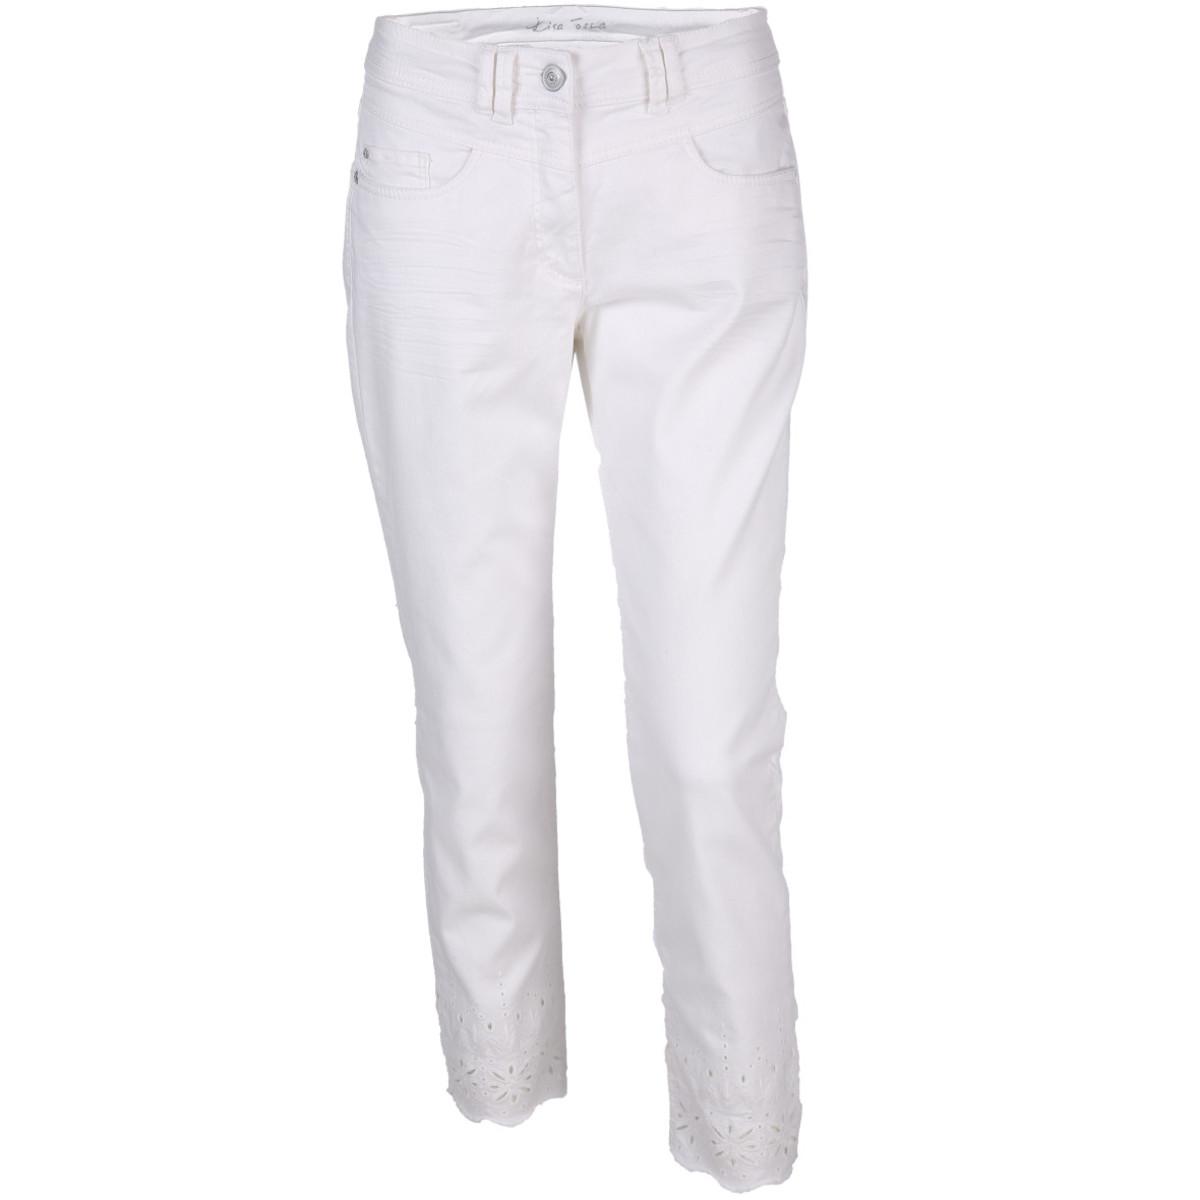 Bild 1 von Damen 7/8 Jeans mit Lochstickerei